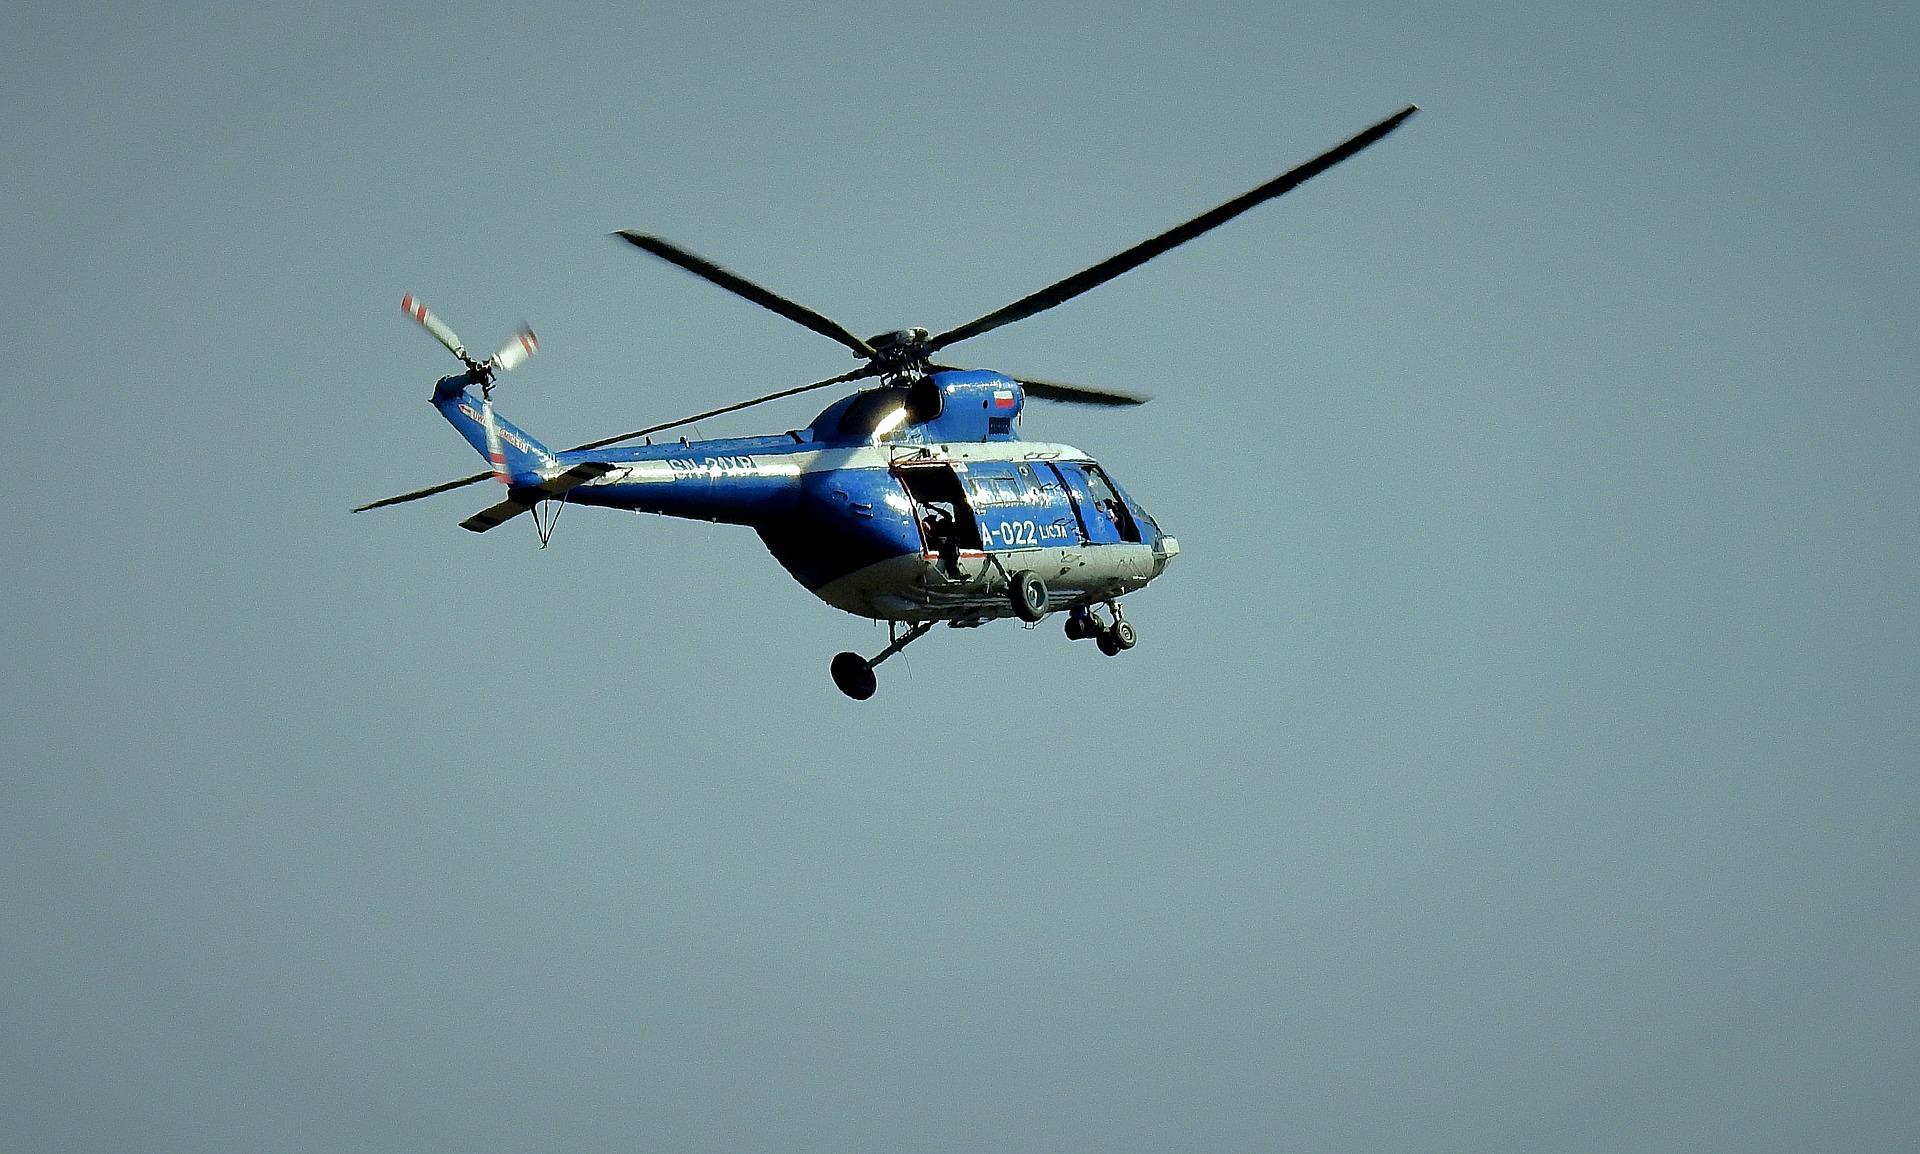 dynamika bryły sztywnej, bryła sztywna, helikopter, śmigłowiec